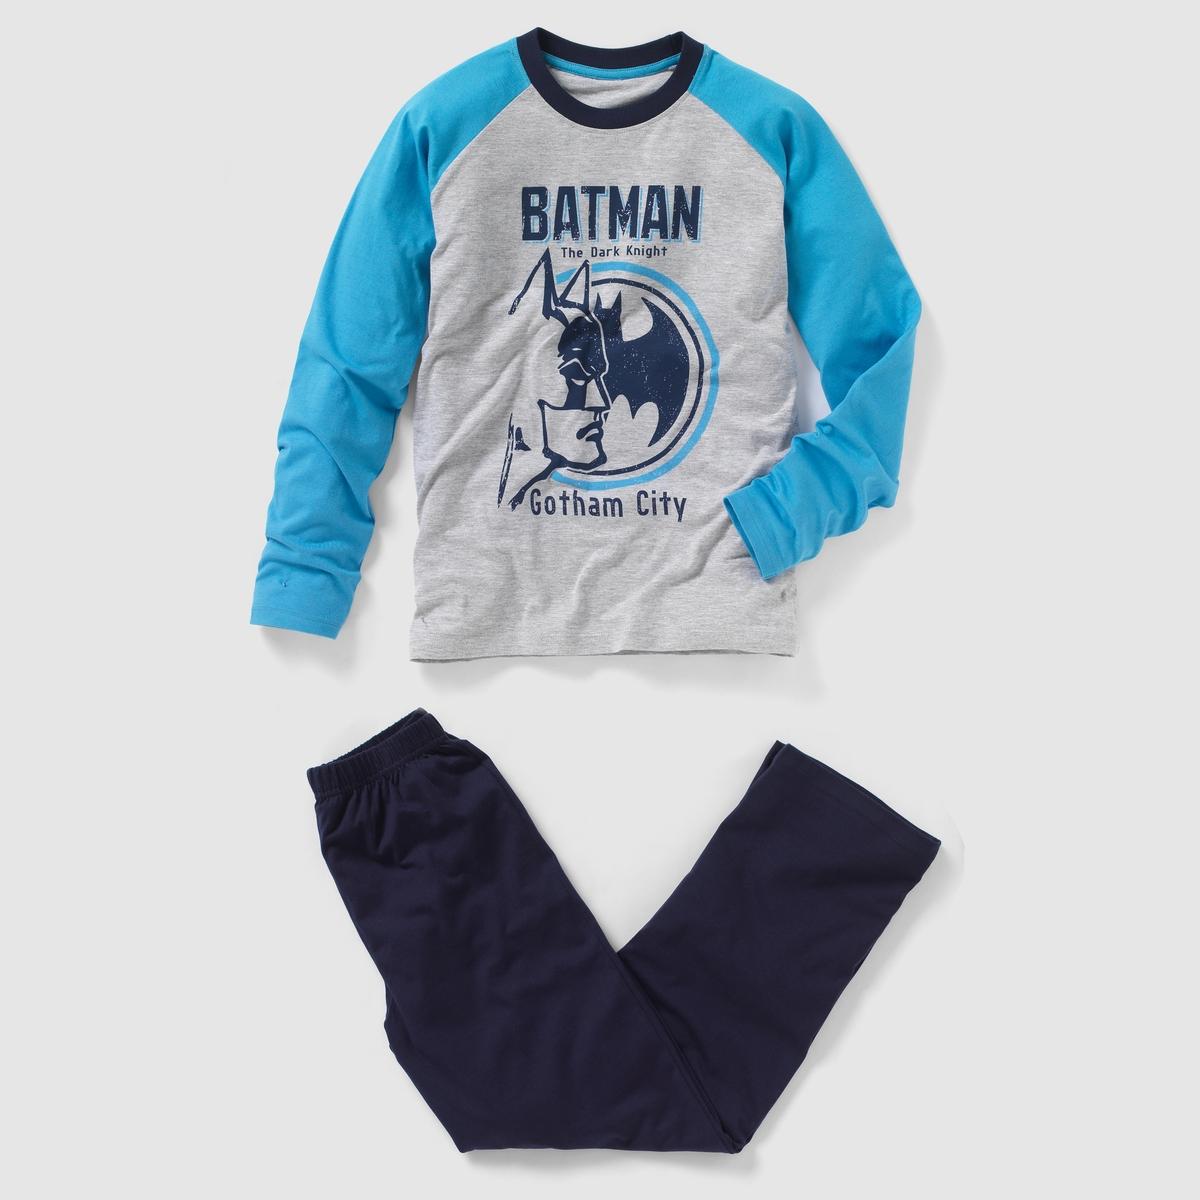 Пижама BATMAN, 10 - 16 летТрехцветная пижама Бэтмен из трикотажа джерси, 100% хлопка. Футболка с длинными контрастными рукавами и контрастным круглым вырезом . Перед и спинка из меланжевого трикотажа с принтом Batman Gotham City спереди. Однотонные брюки с эластичным поясом. Состав и описаниеМарка: BATMAN.Материал: джерси, 100% хлопка.УходСтирать при 30°Cс вещами схожих цветов. Стирать и гладить с изнаночной стороны.Гладить на средней температуре.<br><br>Цвет: серый/ темно-синий